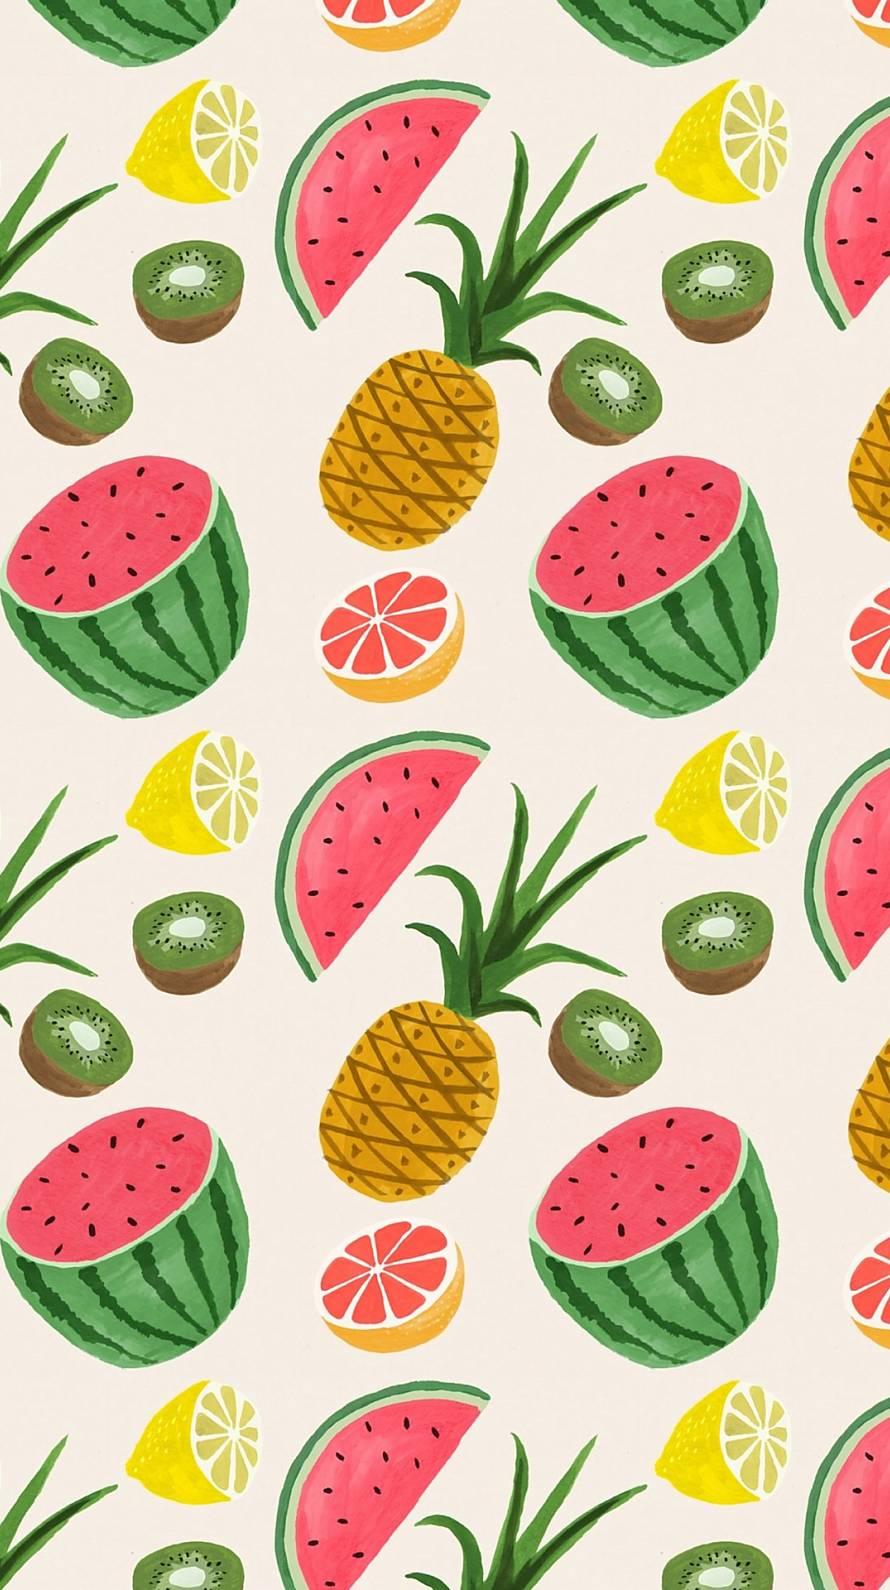 マリメッコ フルーツ Iphone6壁紙 Wallpaperbox